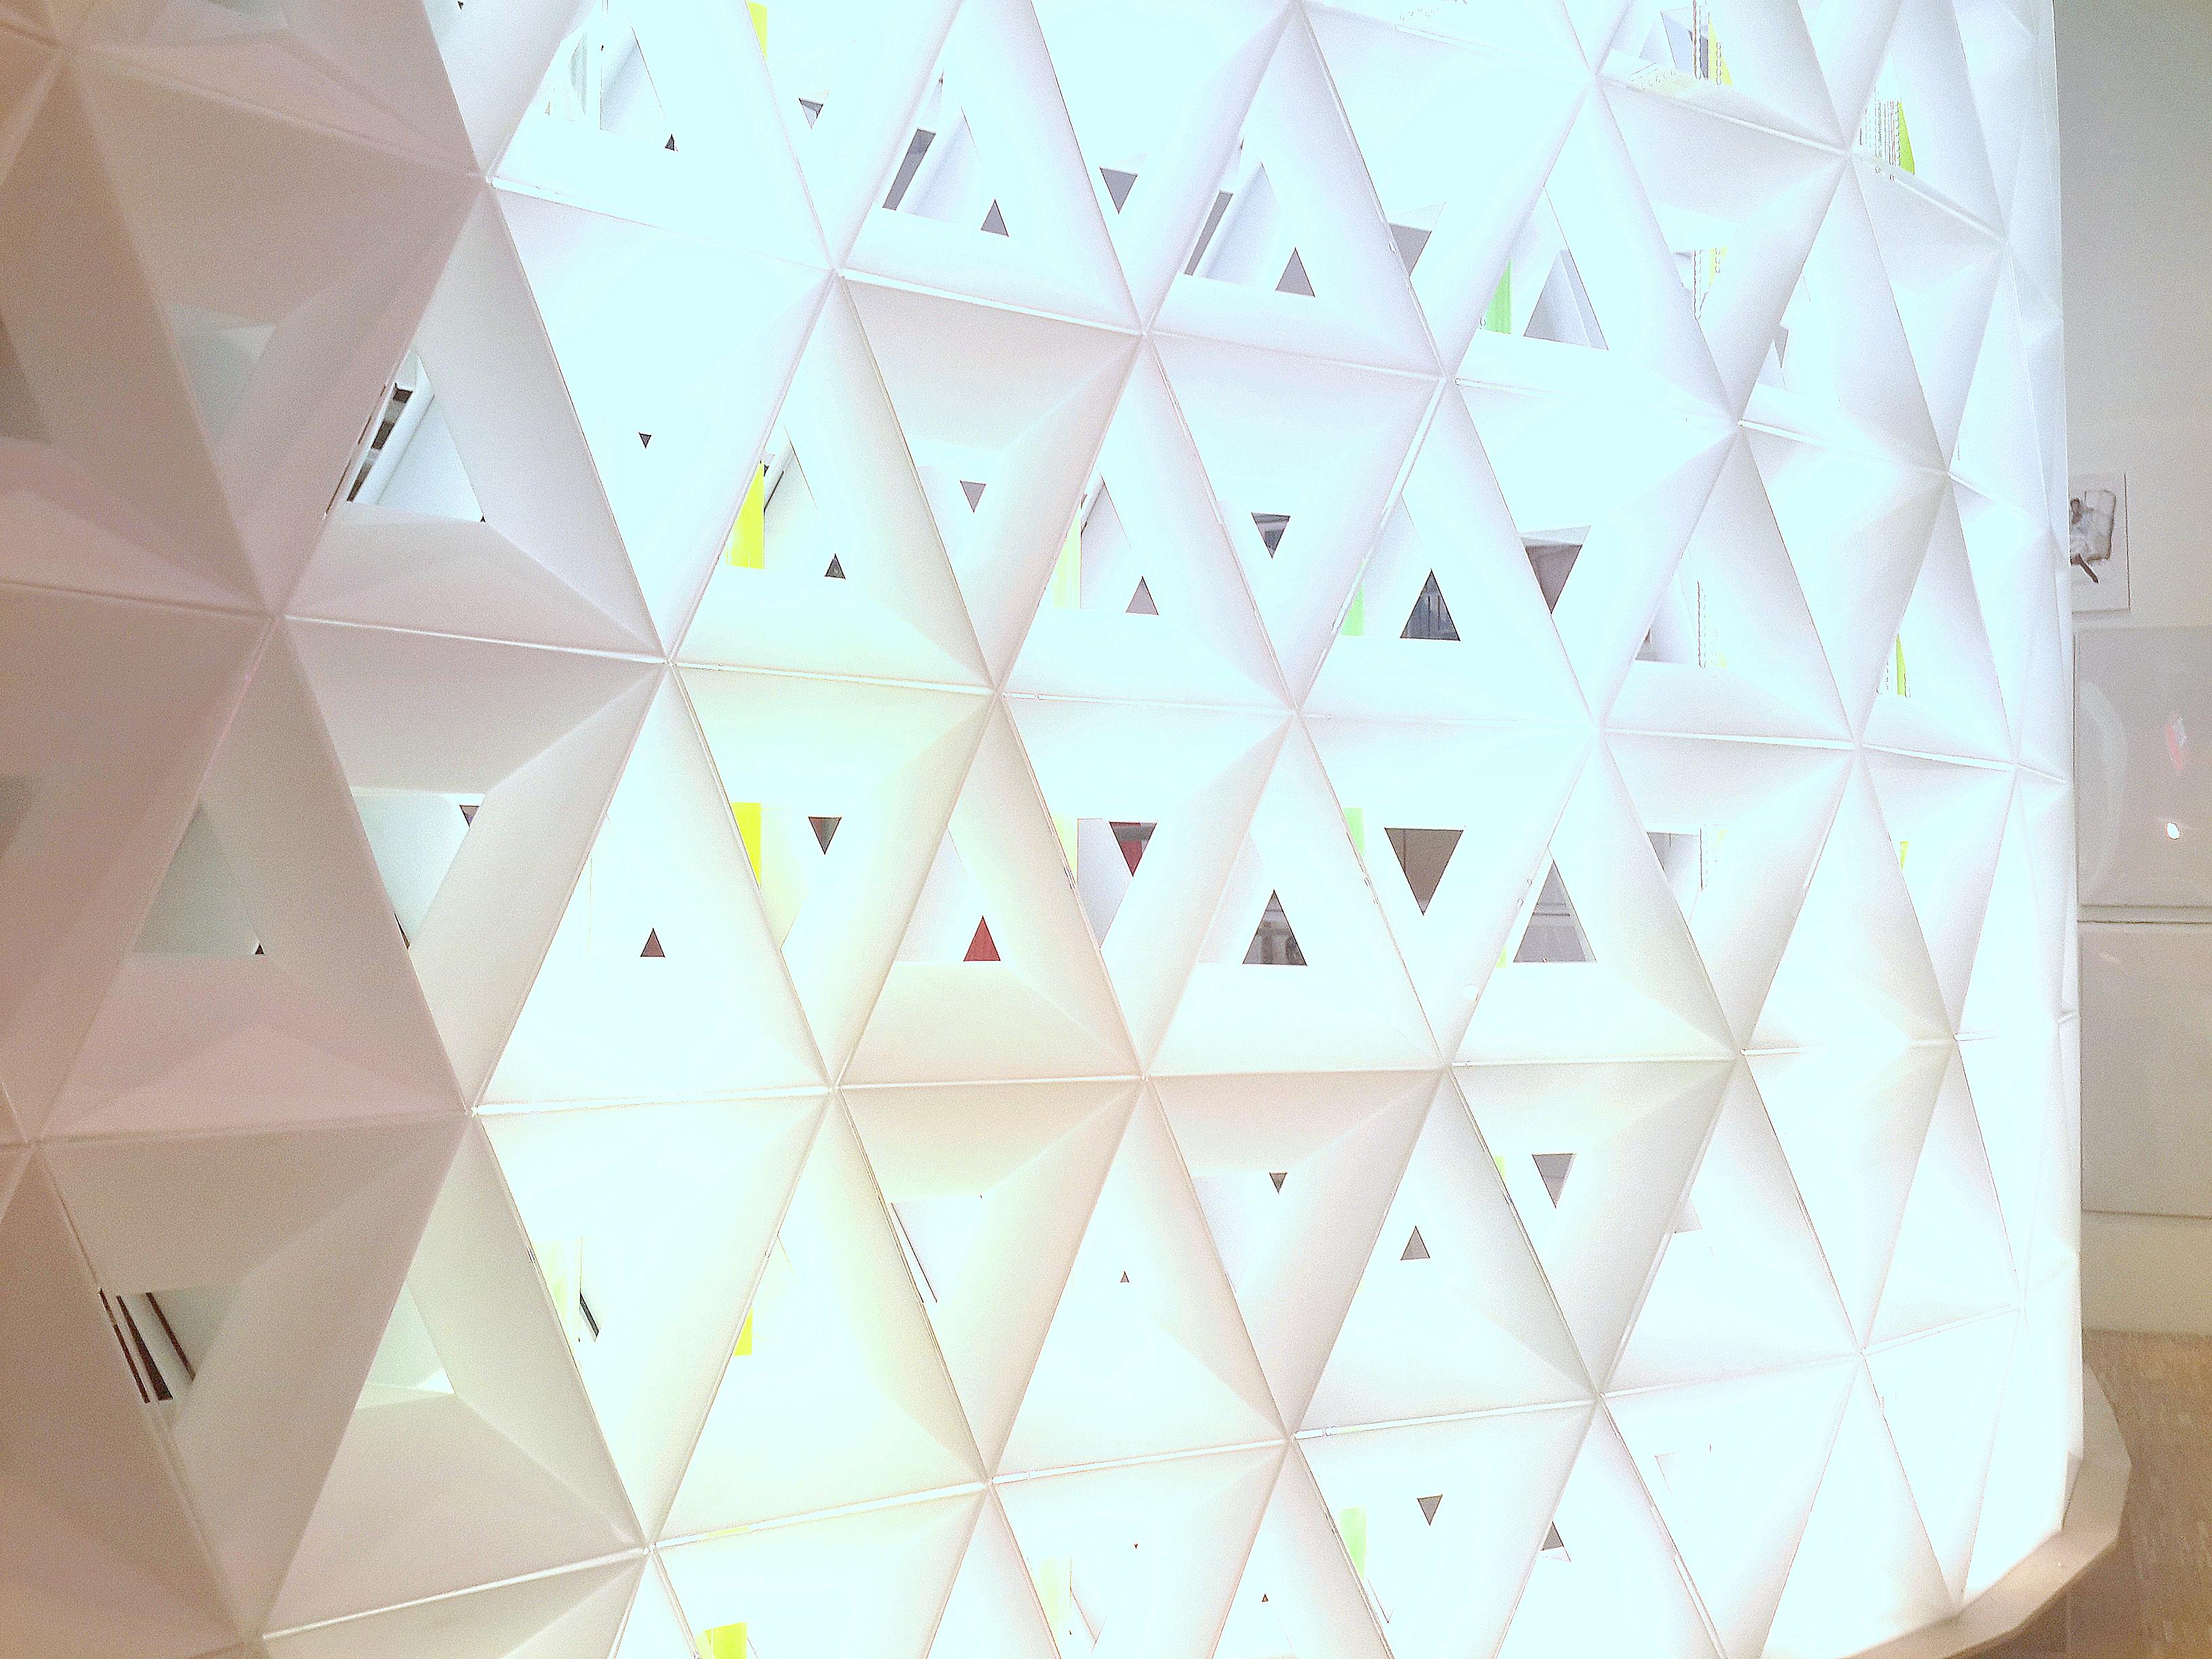 """Блог Кати Осиной. Виртуальная экскурсия по выставке """"999 domande"""" в Милане."""